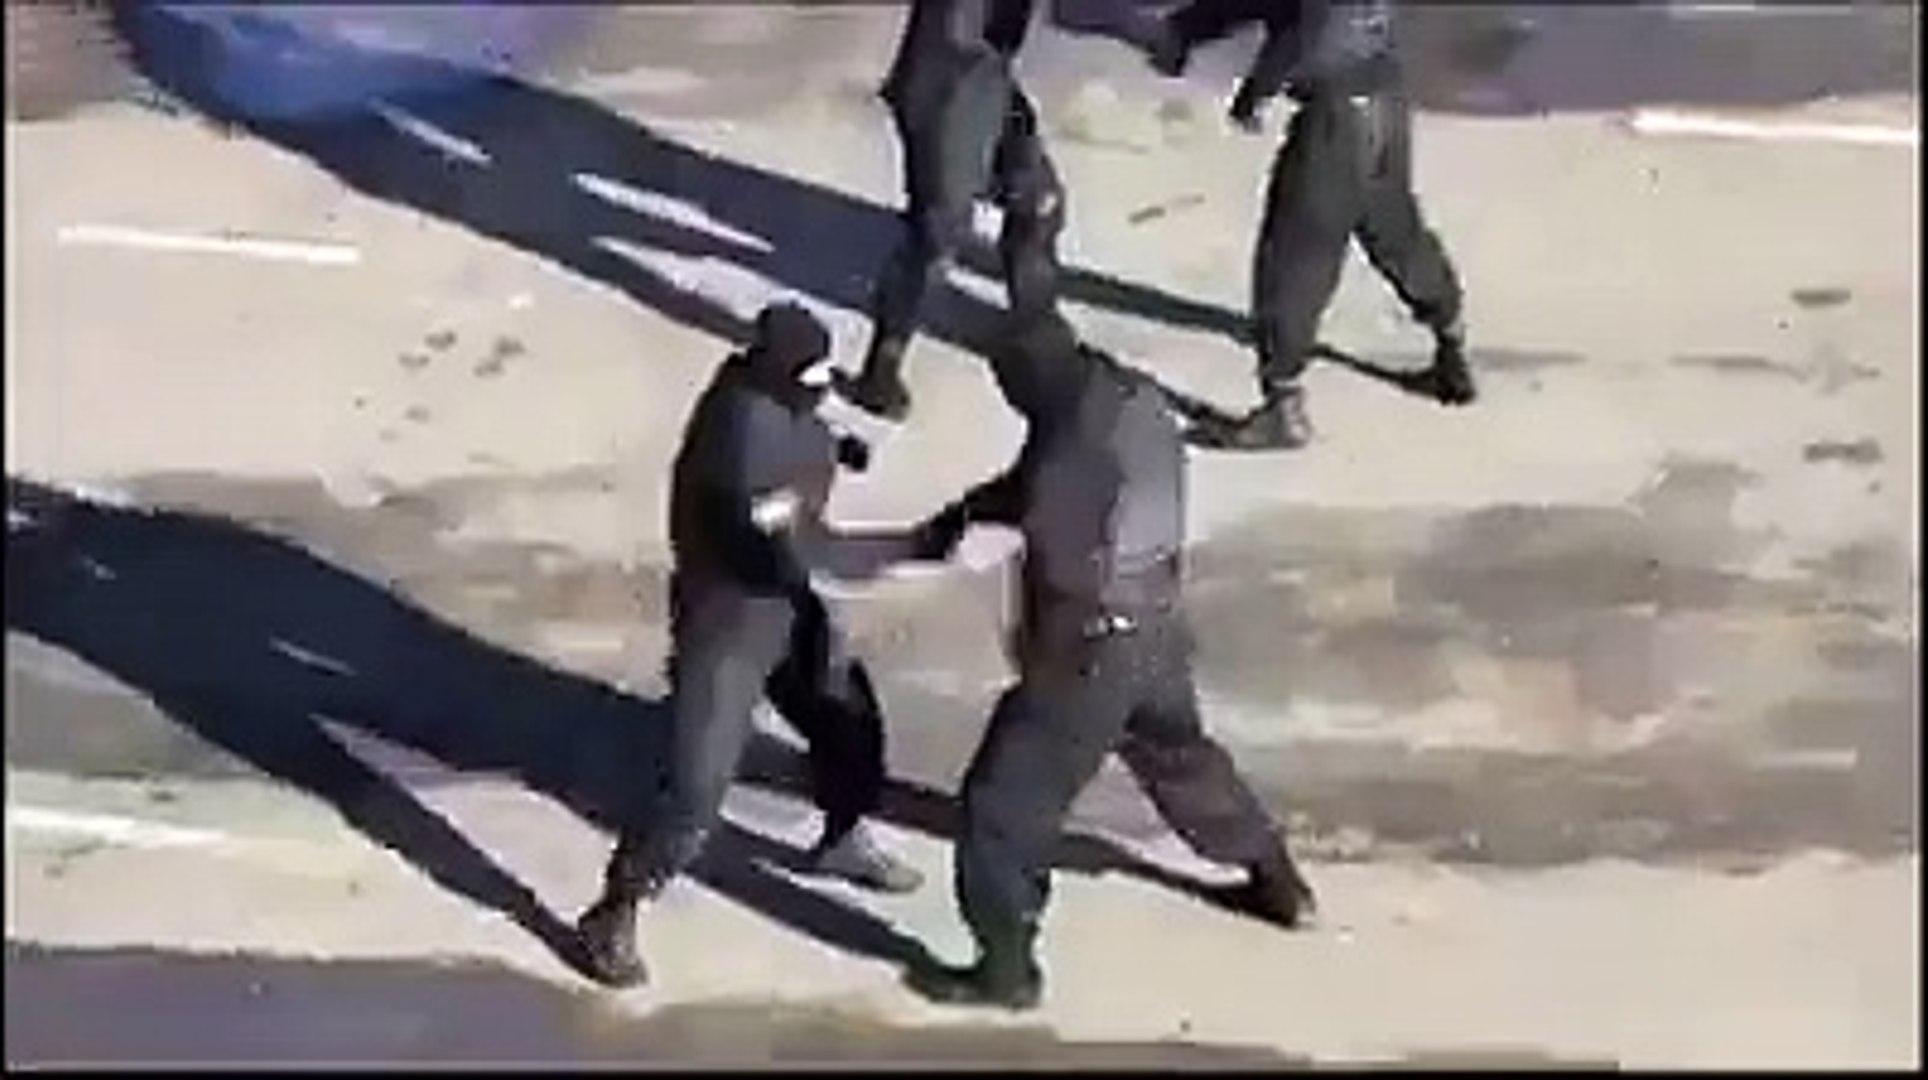 نار يا حبيبي نار فيديو مسرب للقوات الخاصة للحرس الوطني التونسية